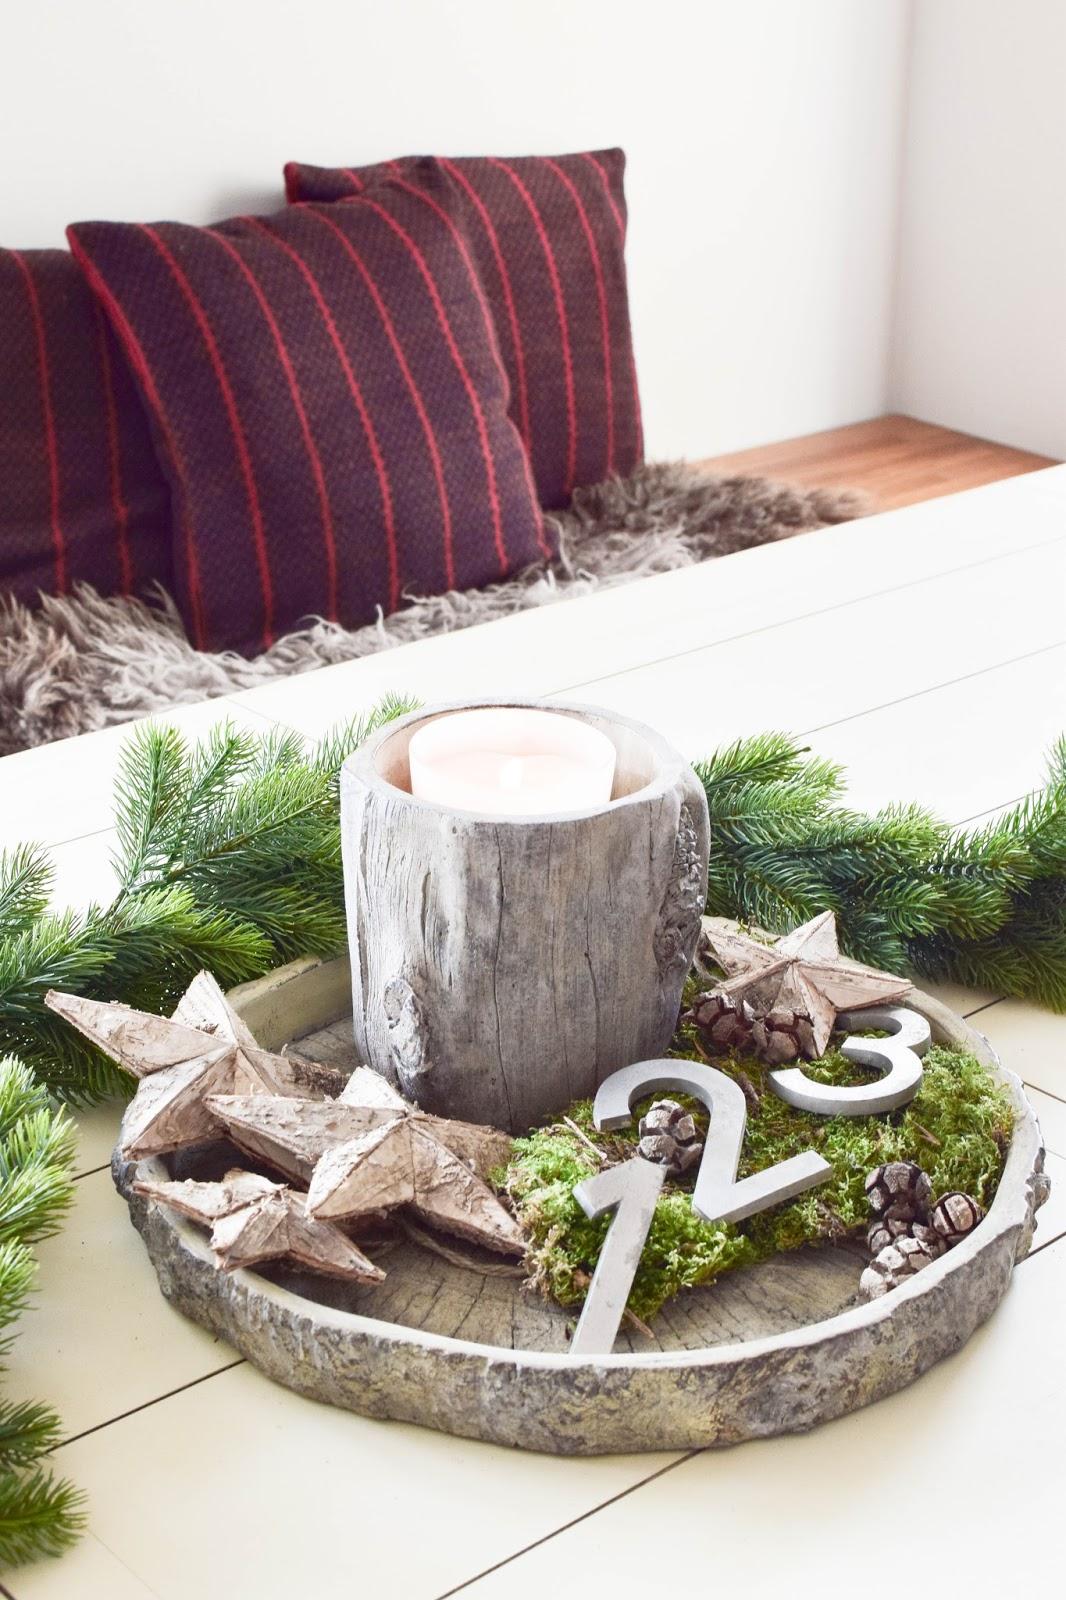 Weihnachtsdeko für Esszimmer: Kränze, Weihnachtsbaum, Tannengirlande und Kissen von Erwin Müller / Werbung. Dekoidee, Deko, Dekoration, Interior, weihnachtlich, festlich